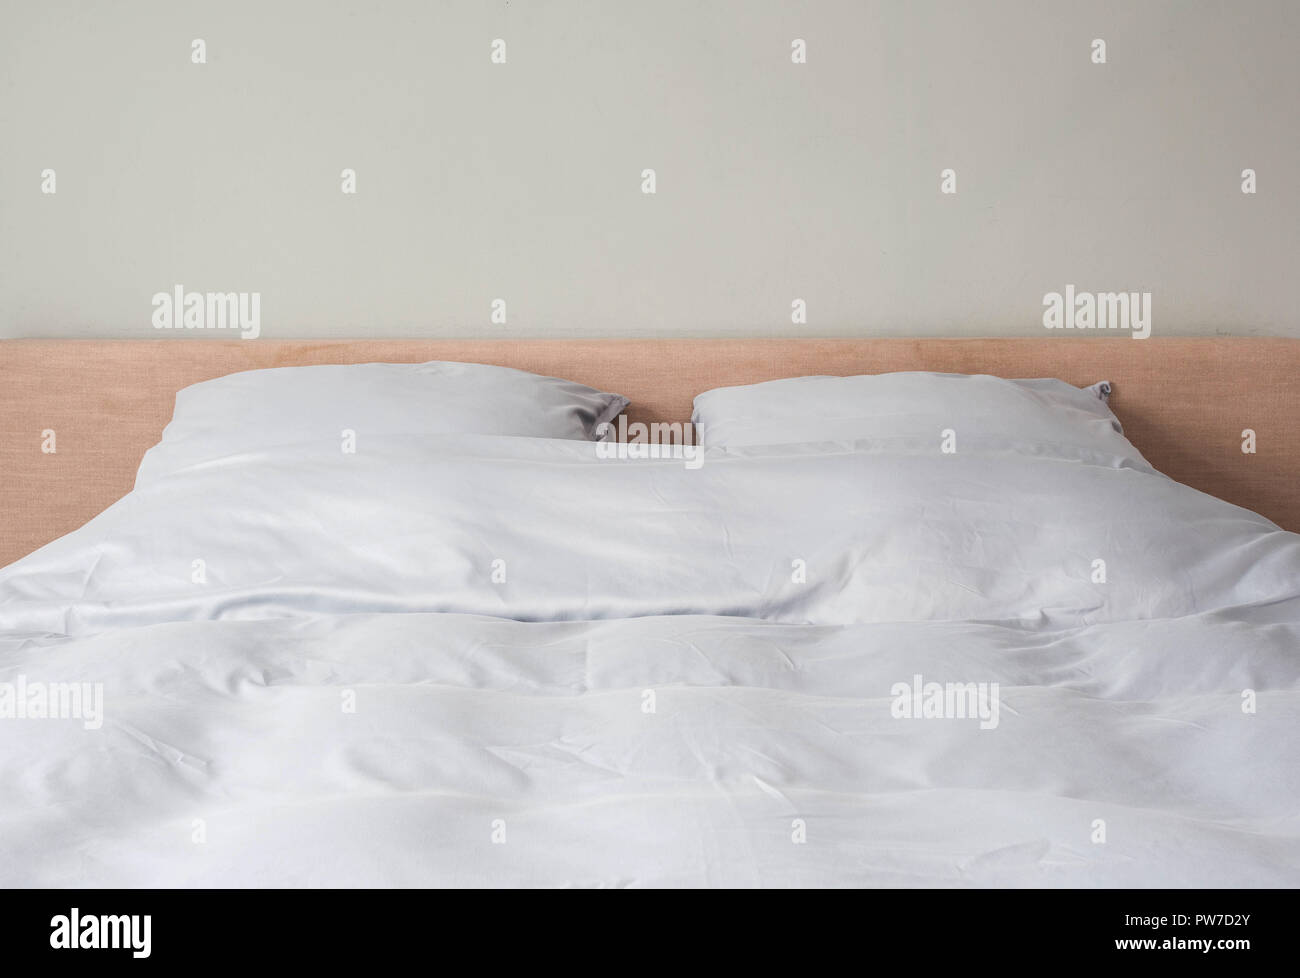 Il letto fatto con bianco pulire i cuscini e le lenzuola in camera. Close-up. Immagini Stock